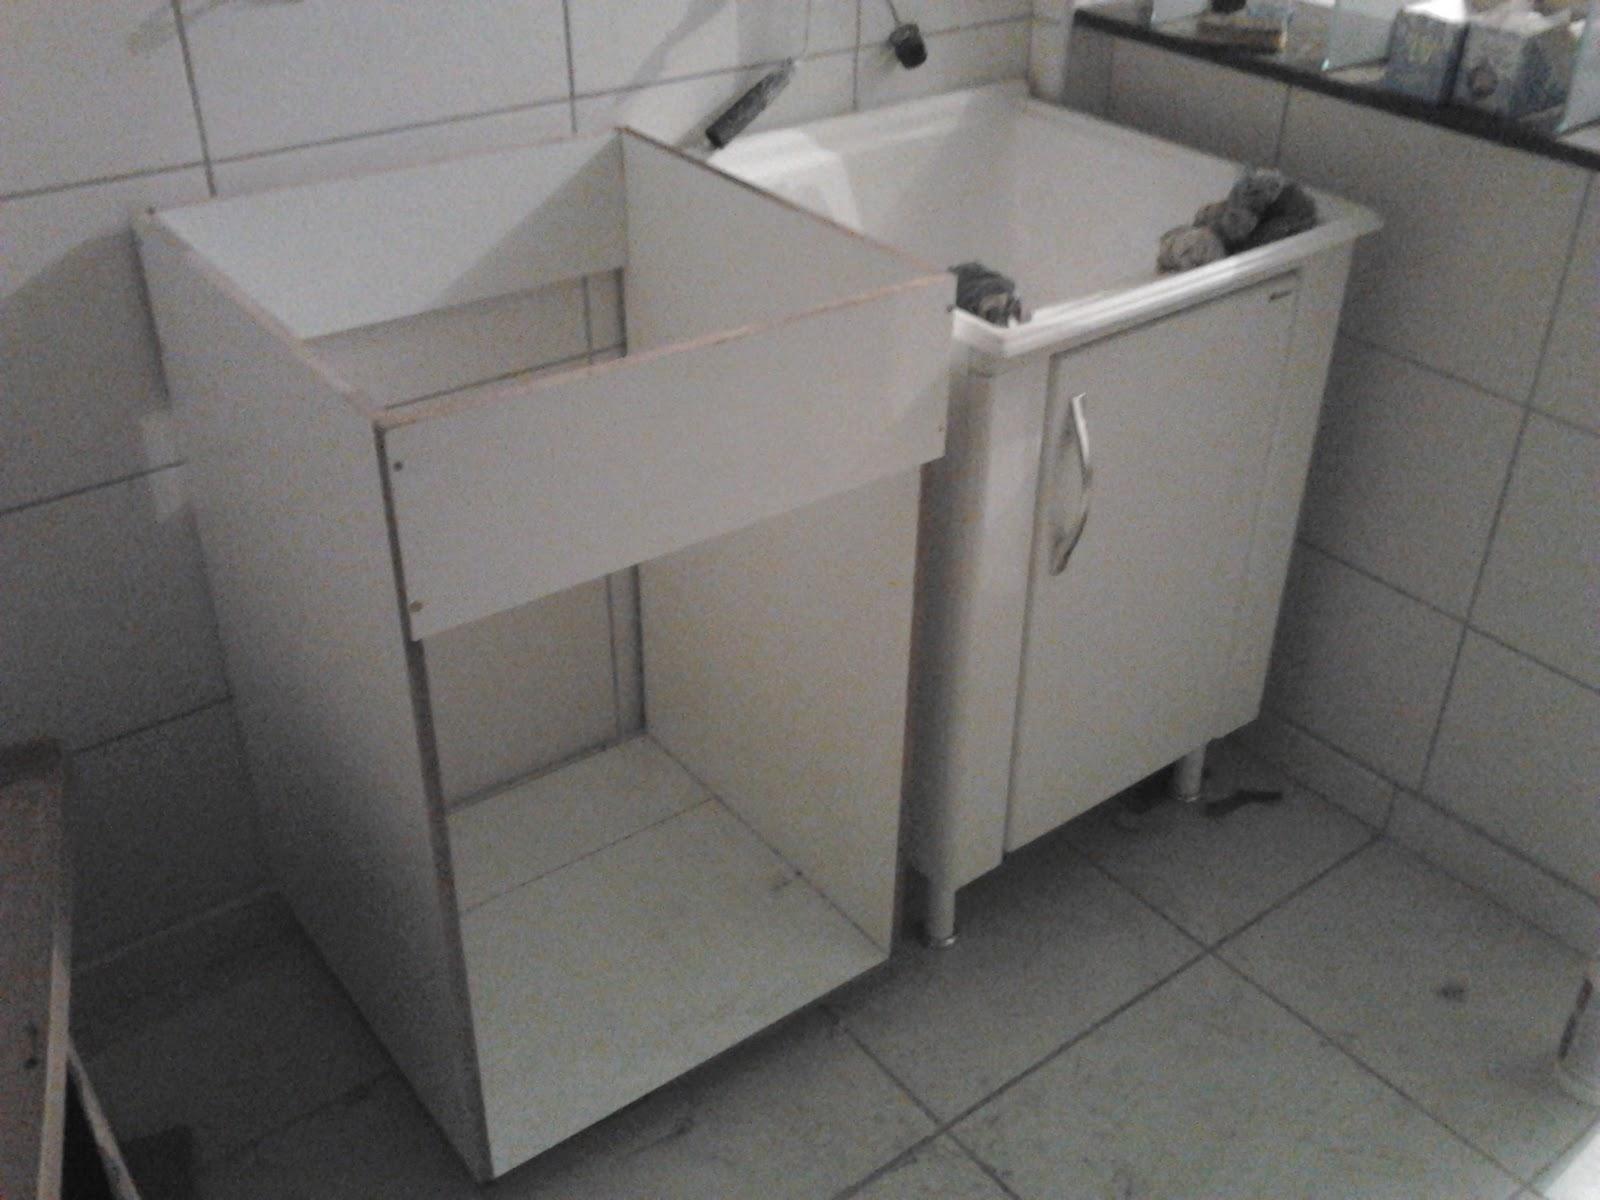 agora o armário do lavatório do banheiro social  #6A6461 1600x1200 Armario Vertical Banheiro